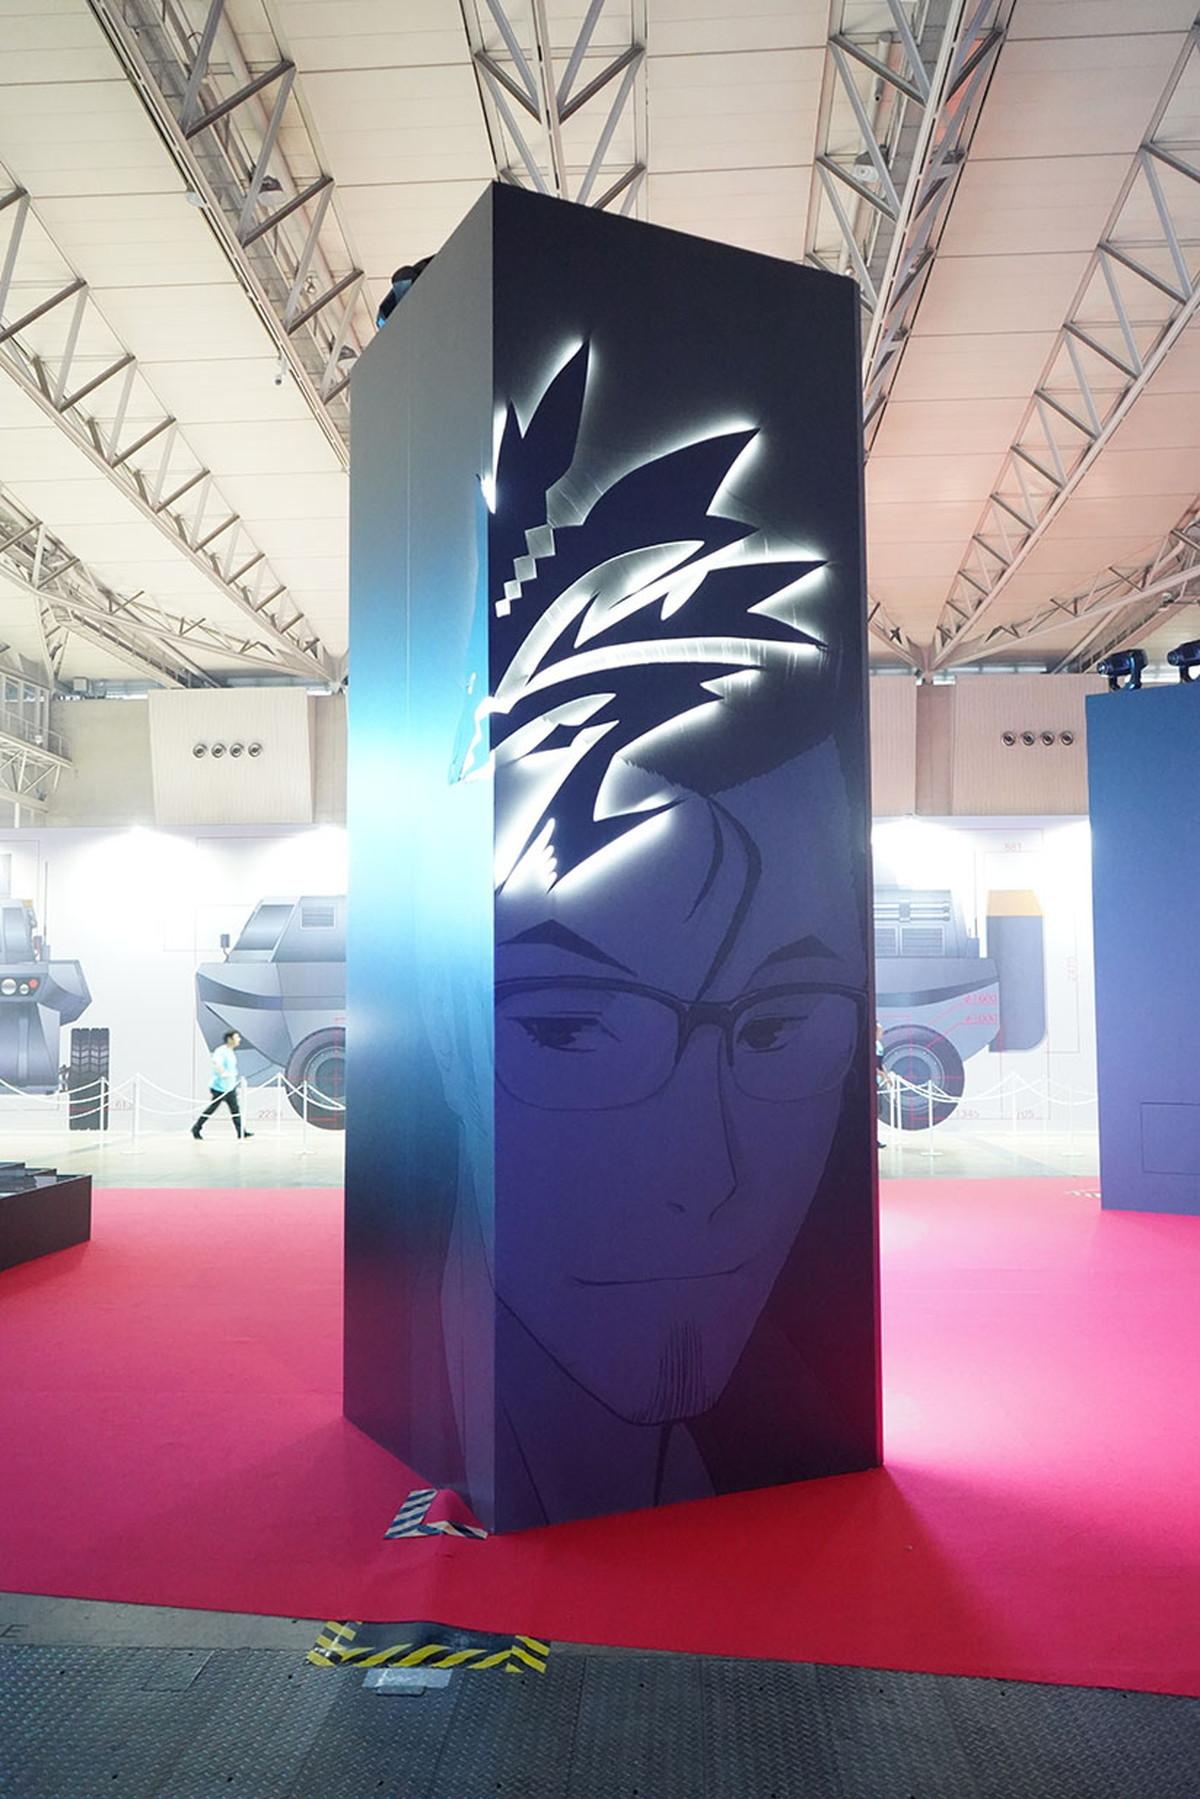 スクリーン背後は7人のスクリプターと令呪 撮影:斉藤直樹